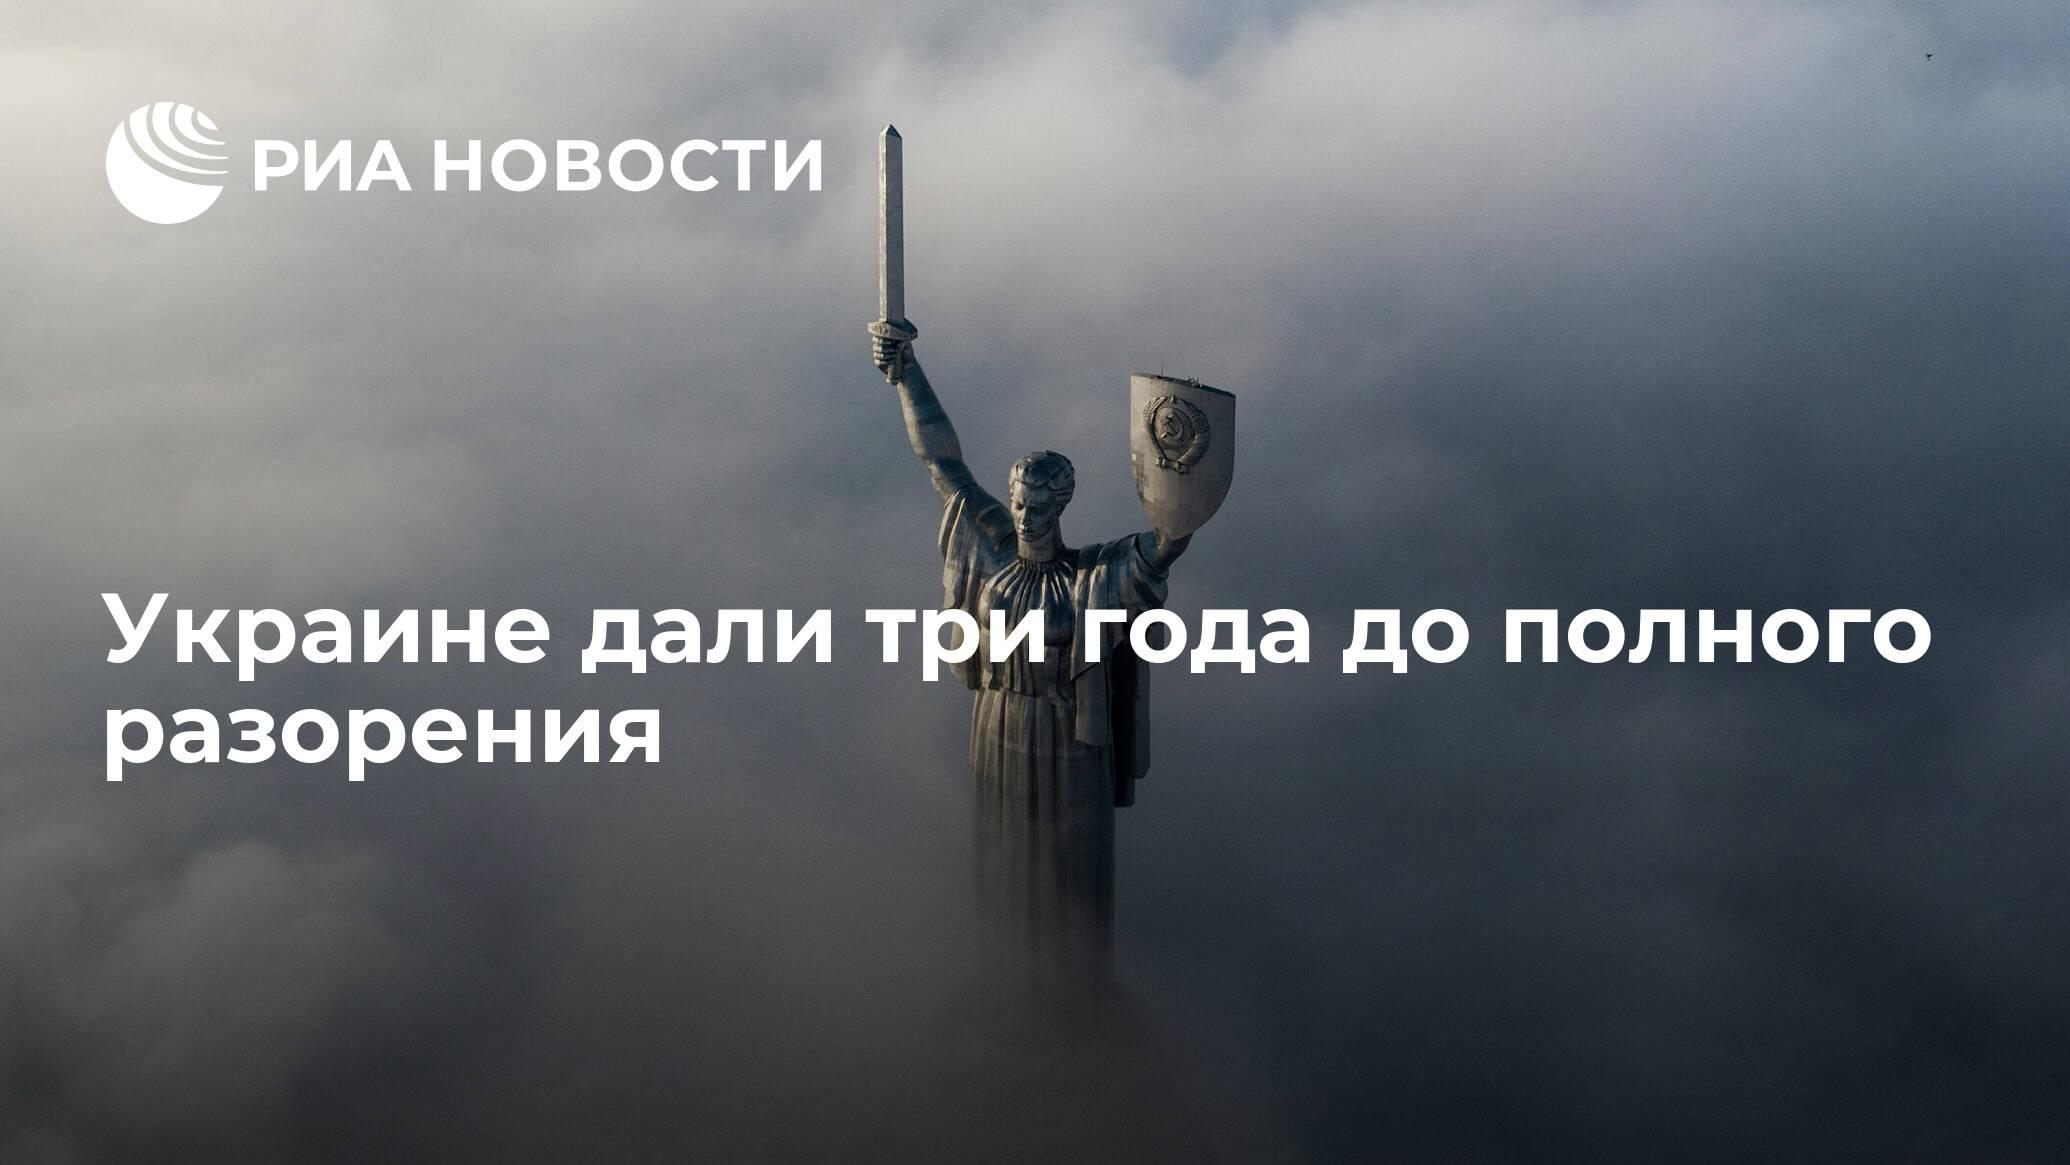 Украине дали три года до полного разорения